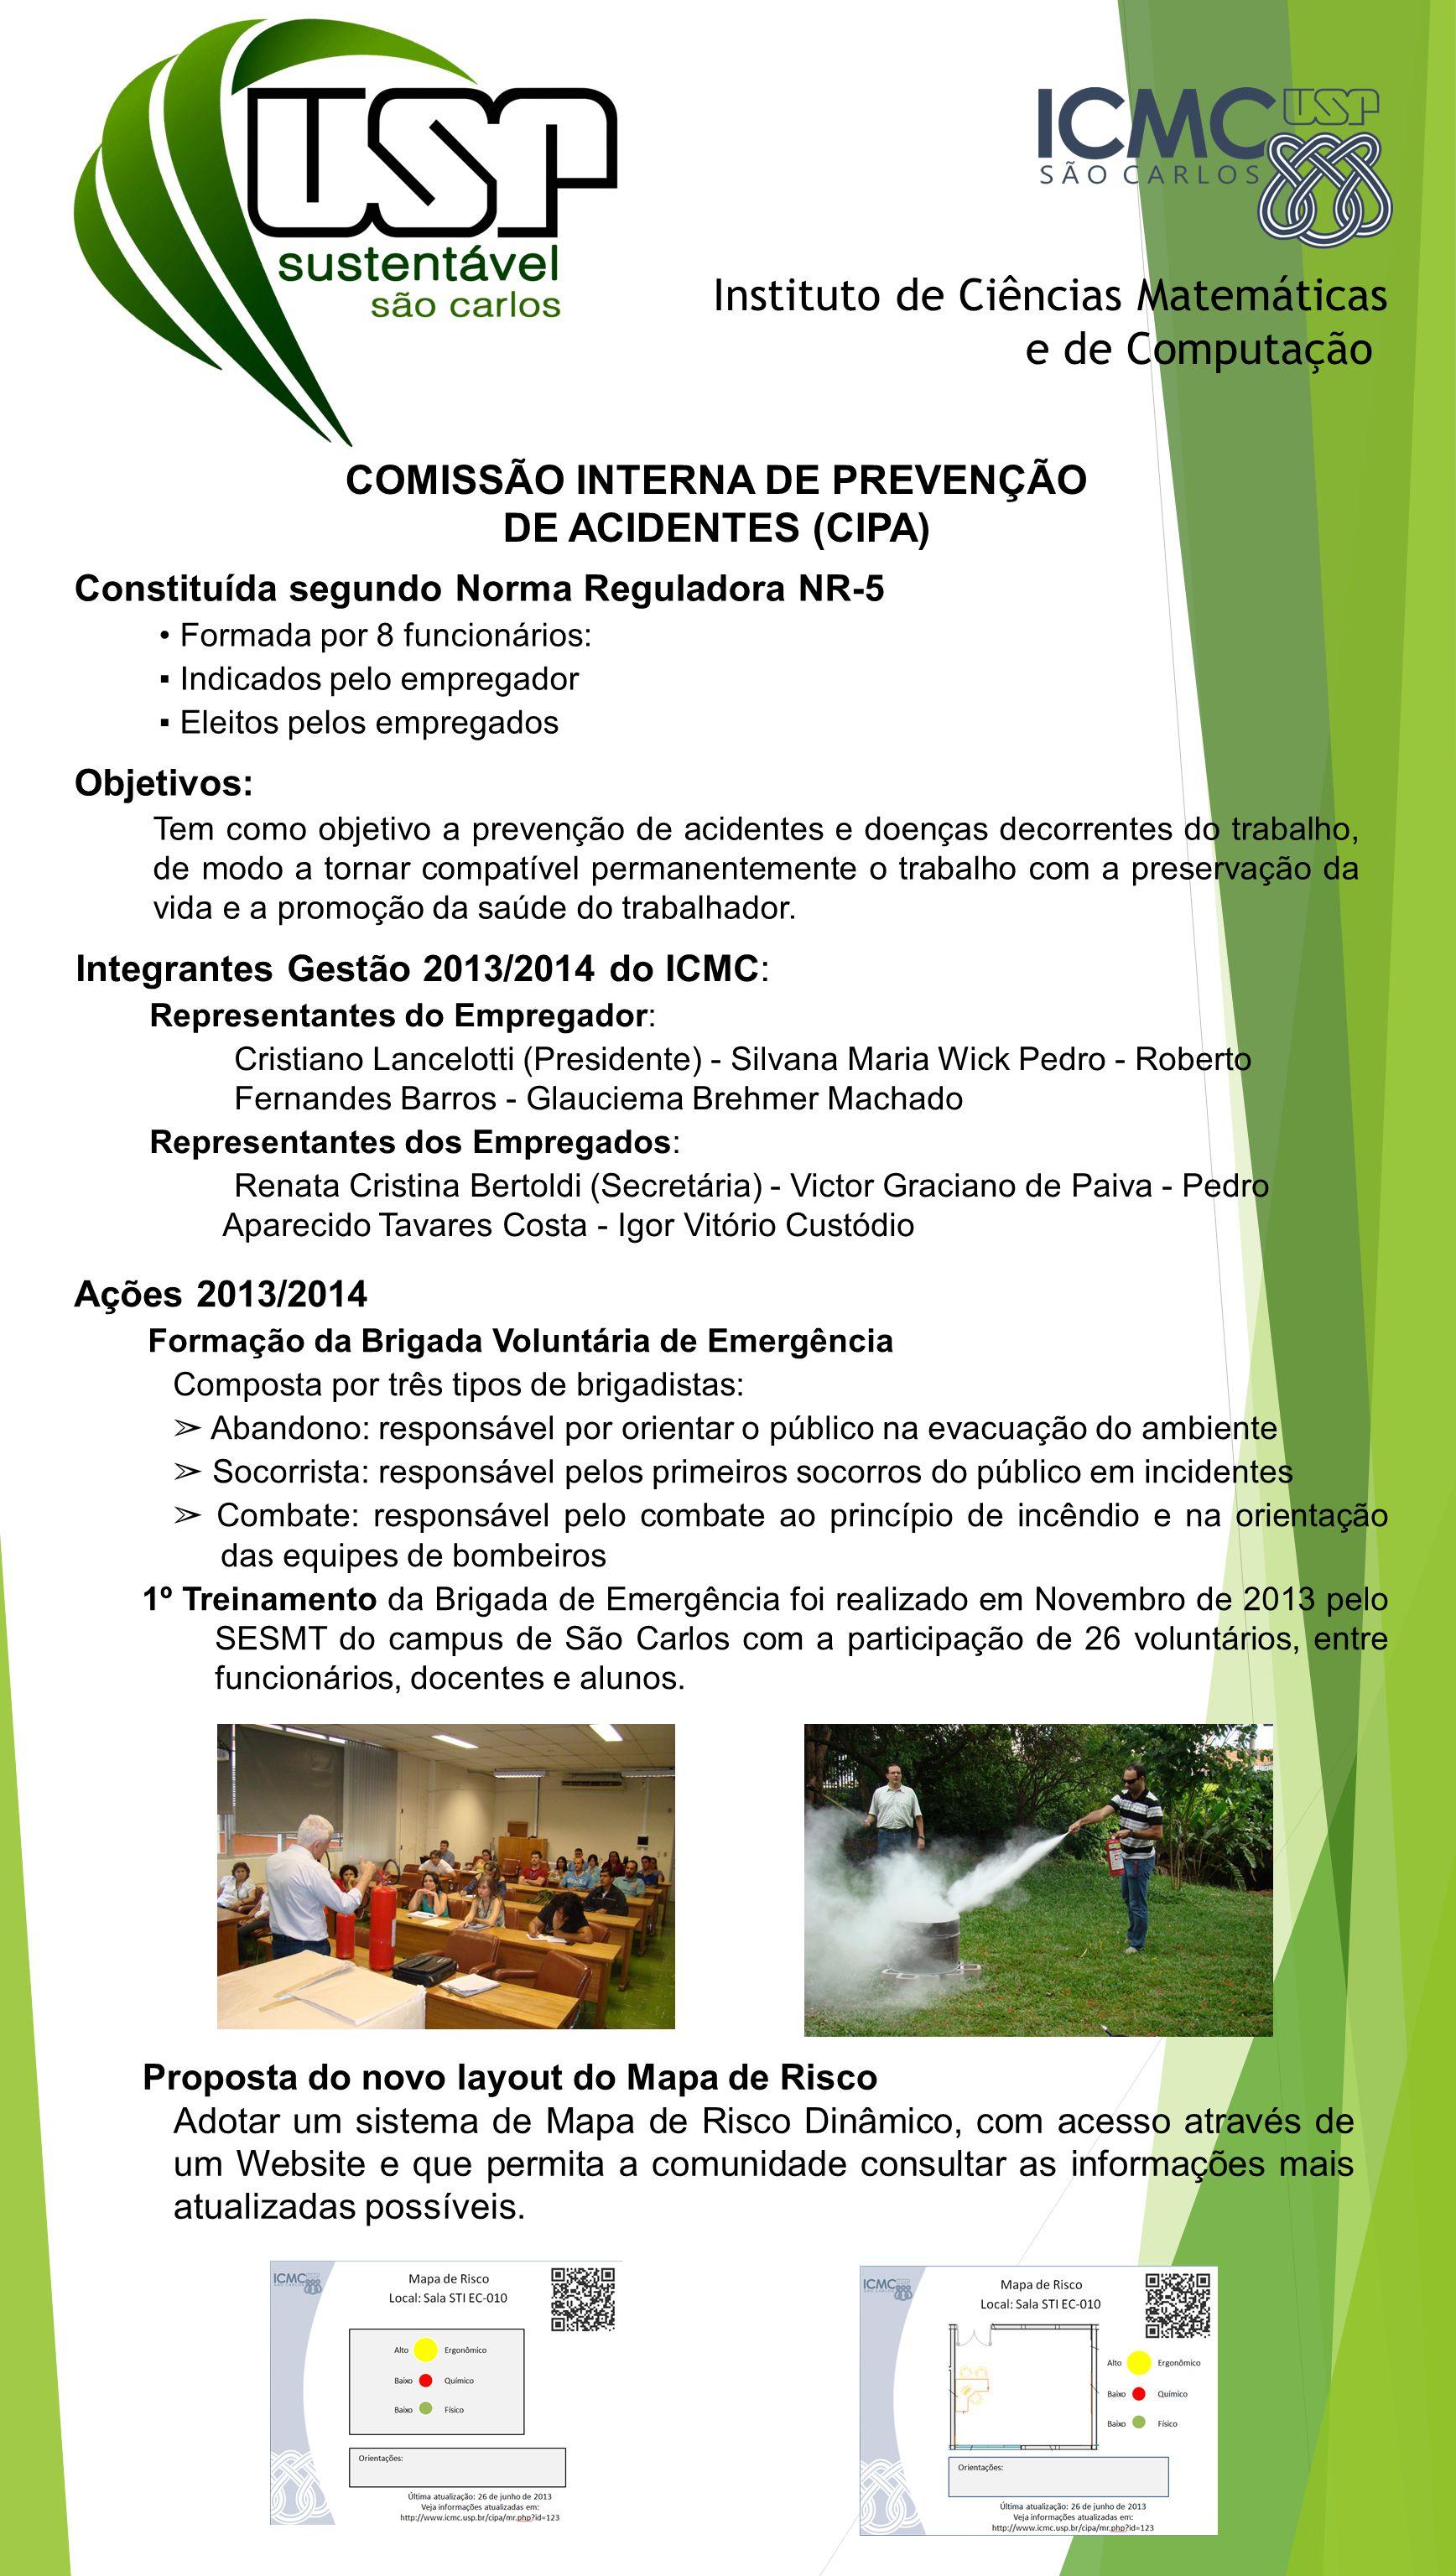 COMISSÃO INTERNA DE PREVENÇÃO DE ACIDENTES (CIPA)